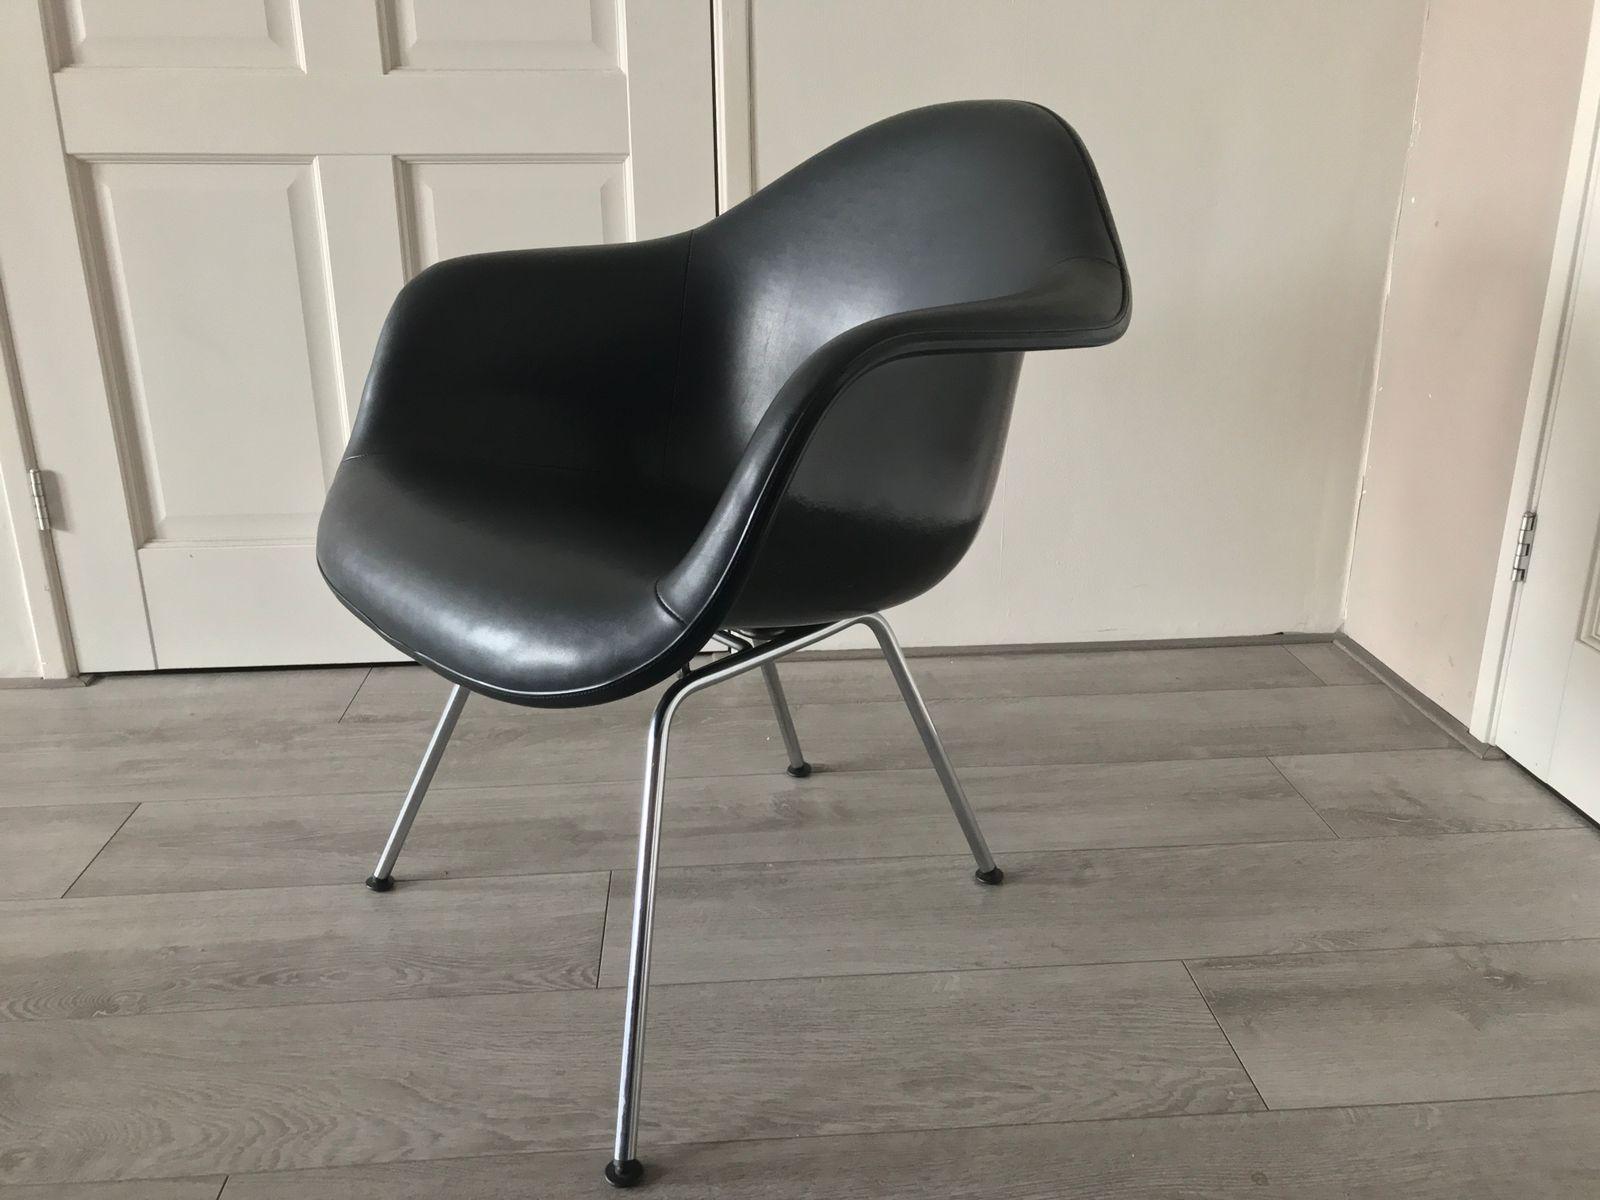 chaise d 39 appoint lax par charles ray eames pour felhmaum en vente sur pamono. Black Bedroom Furniture Sets. Home Design Ideas